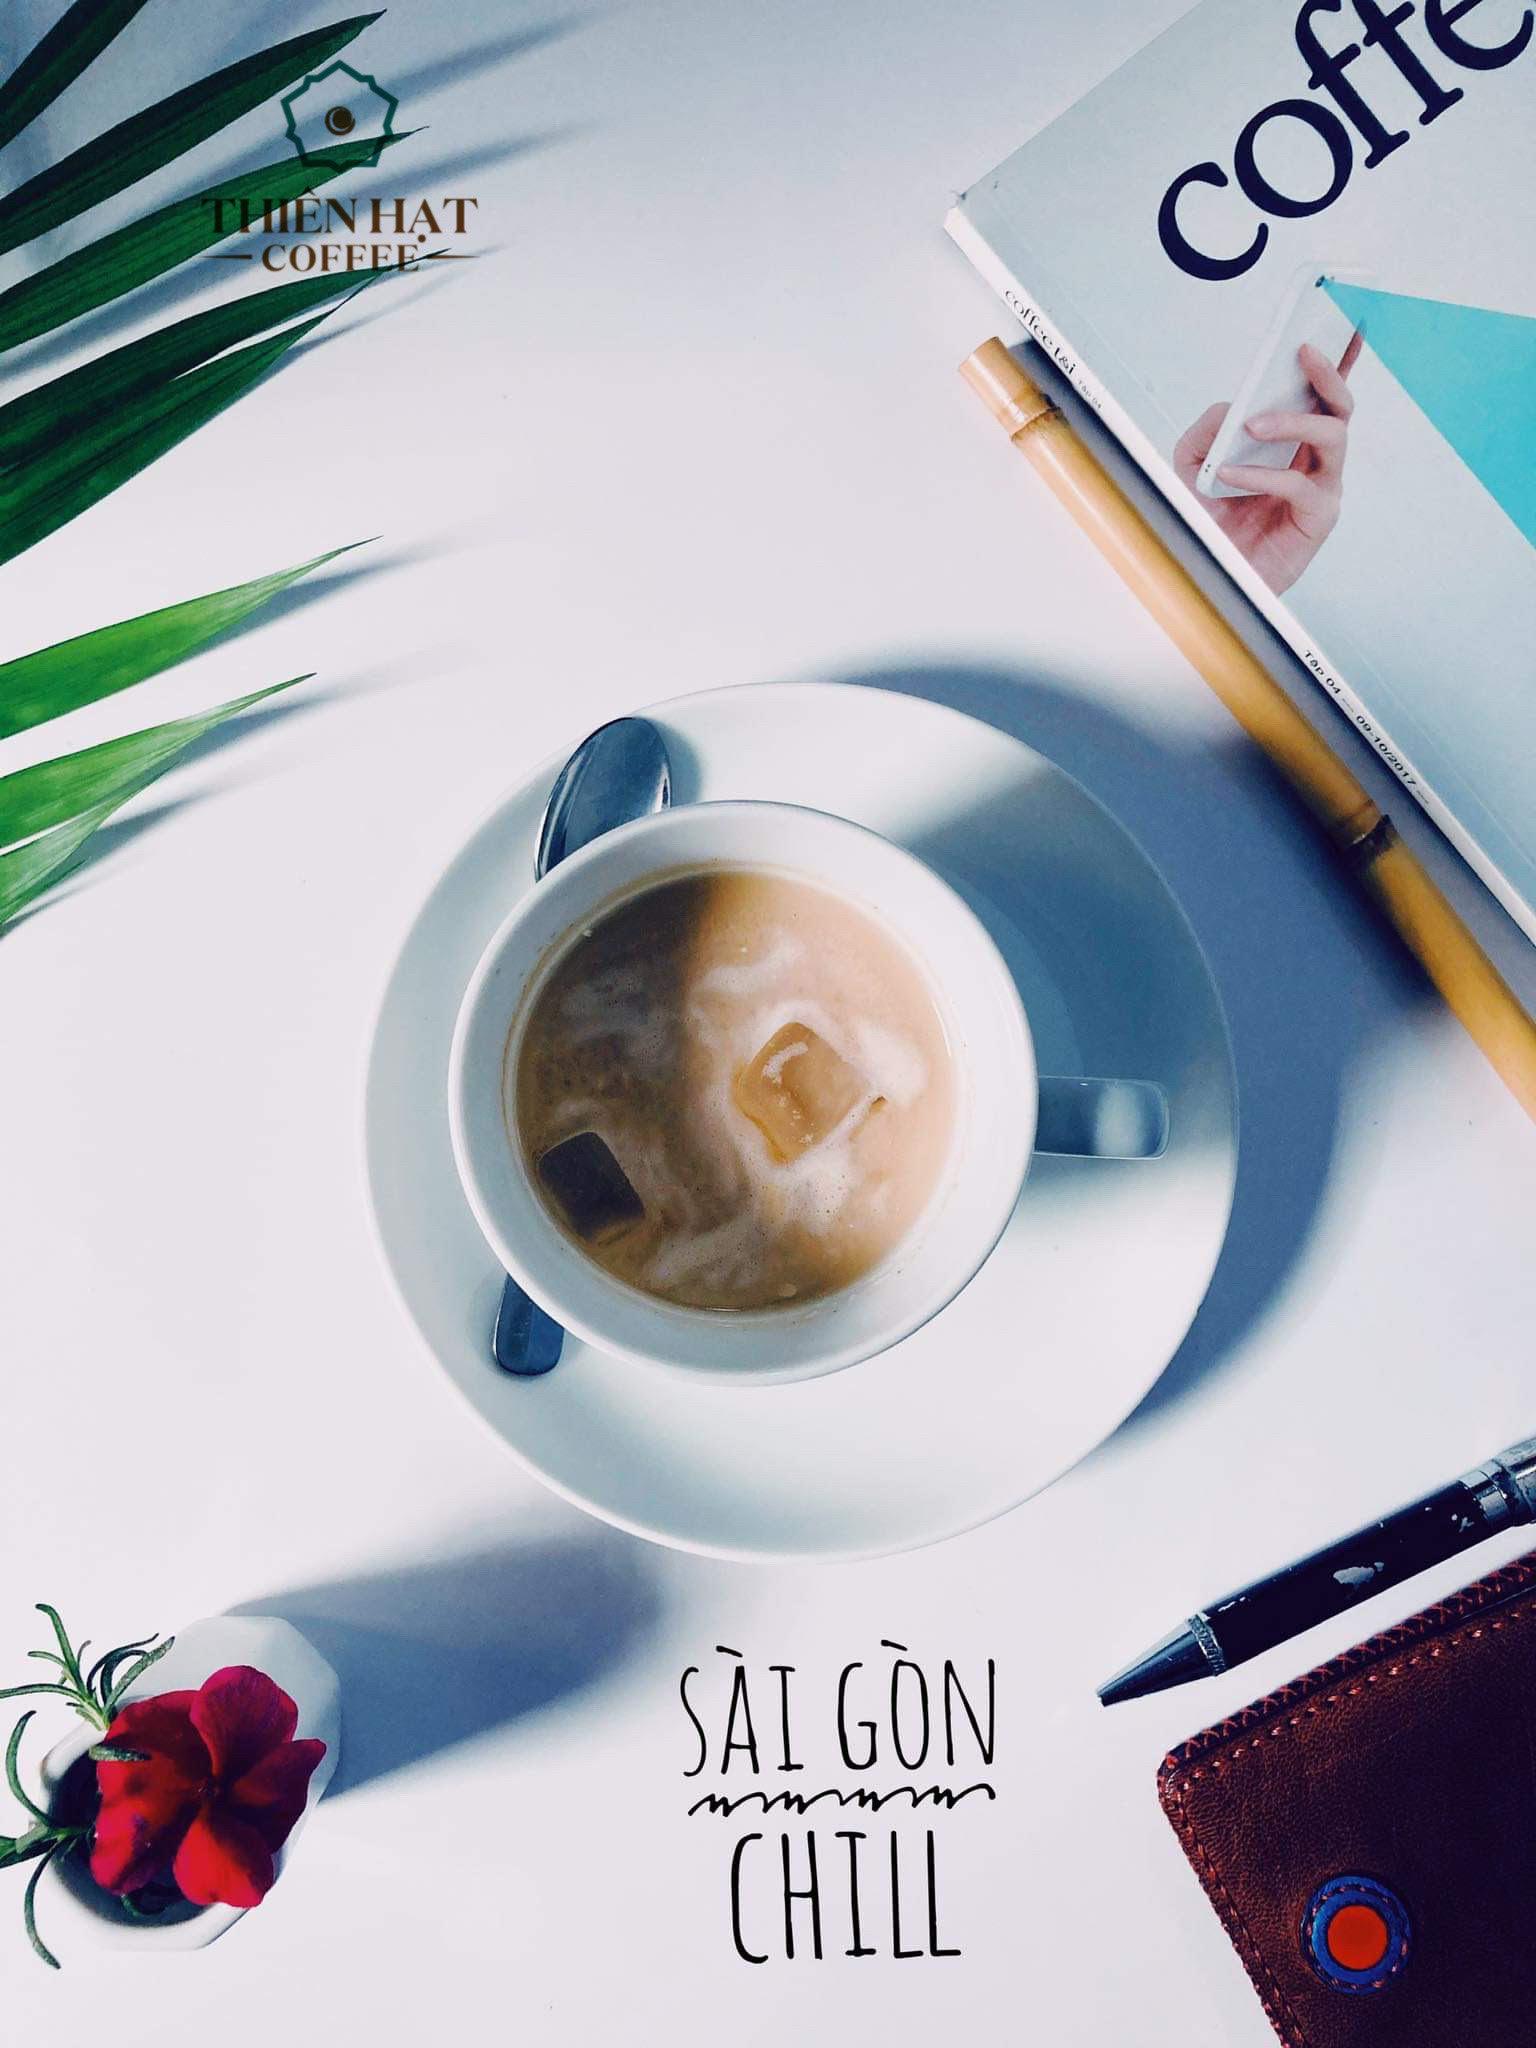 Quá sức độc đáo với bánh pizza hình trái tim và ngôi sao tại Thiên Hạt Coffee, đẹp khiến không nỡ ăn - Ảnh 8.